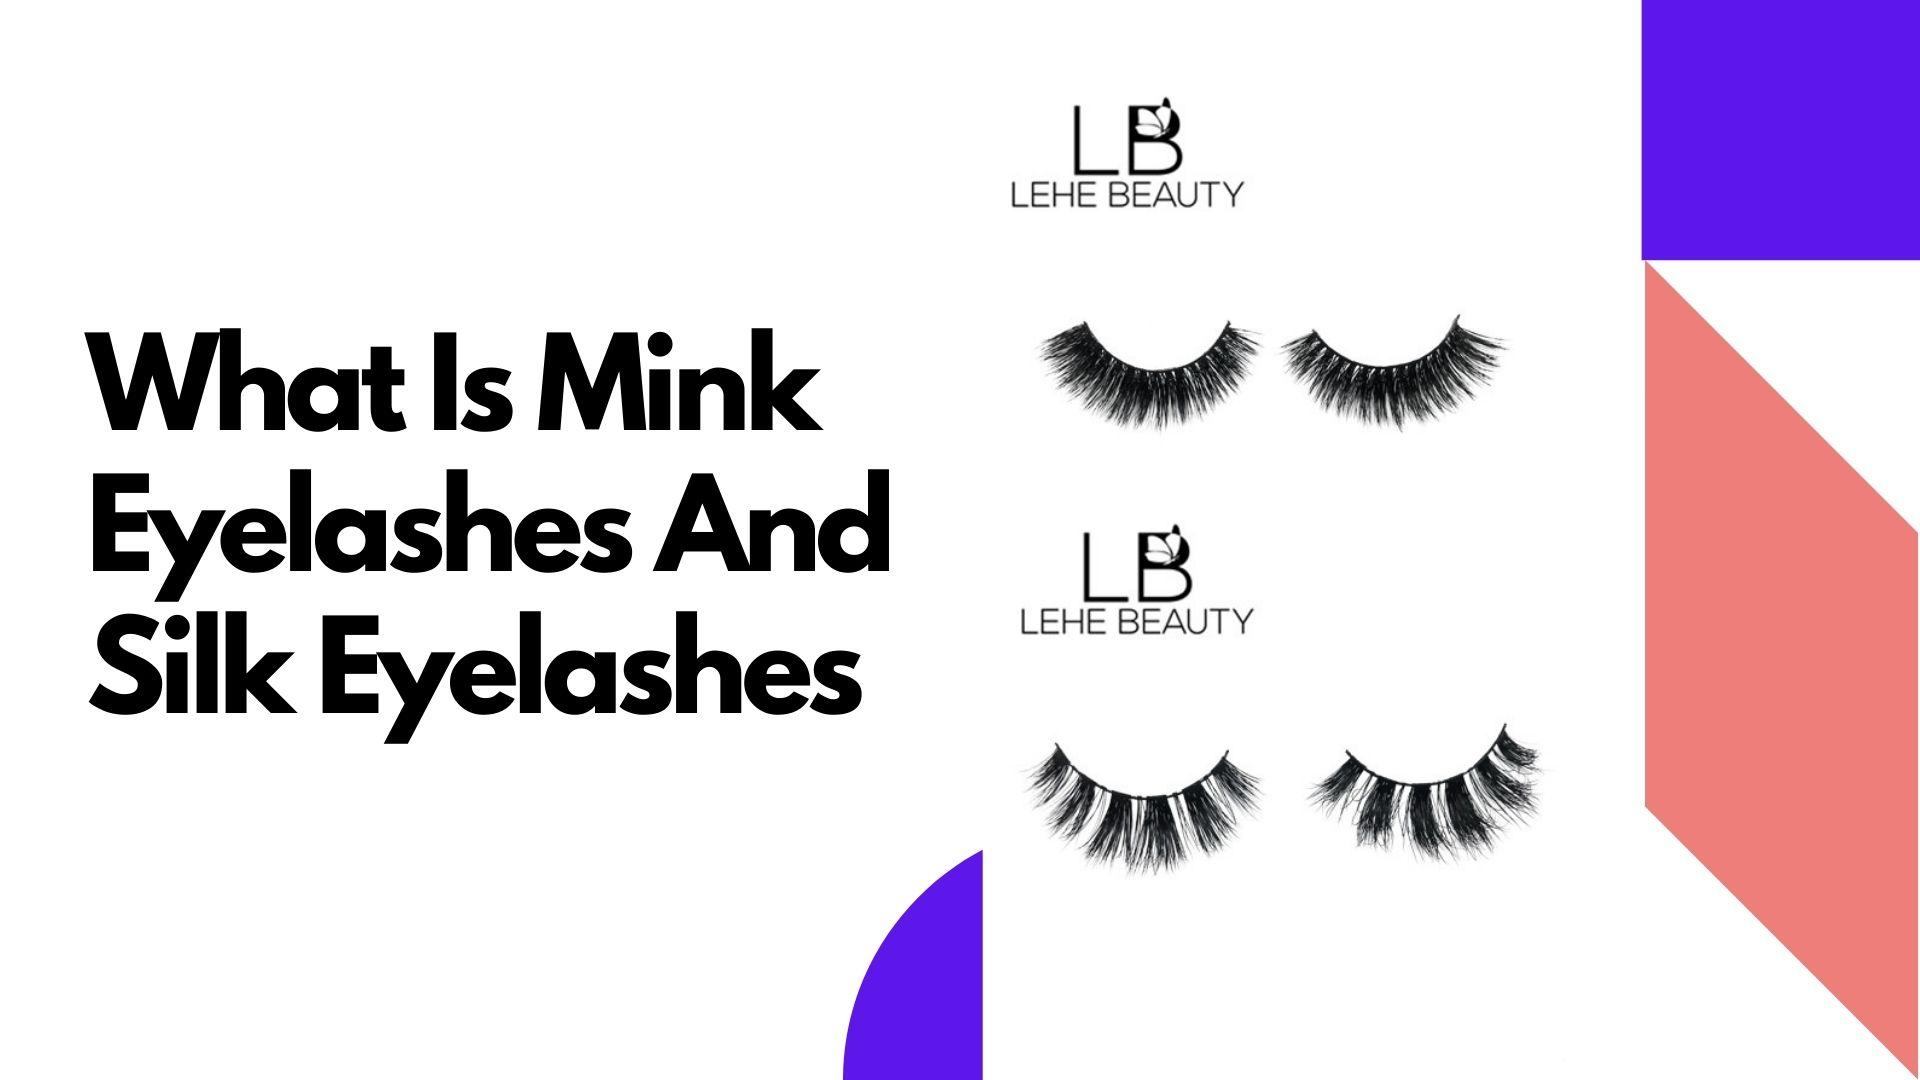 What Is Mink Eyelashes And Silk Eyelashes